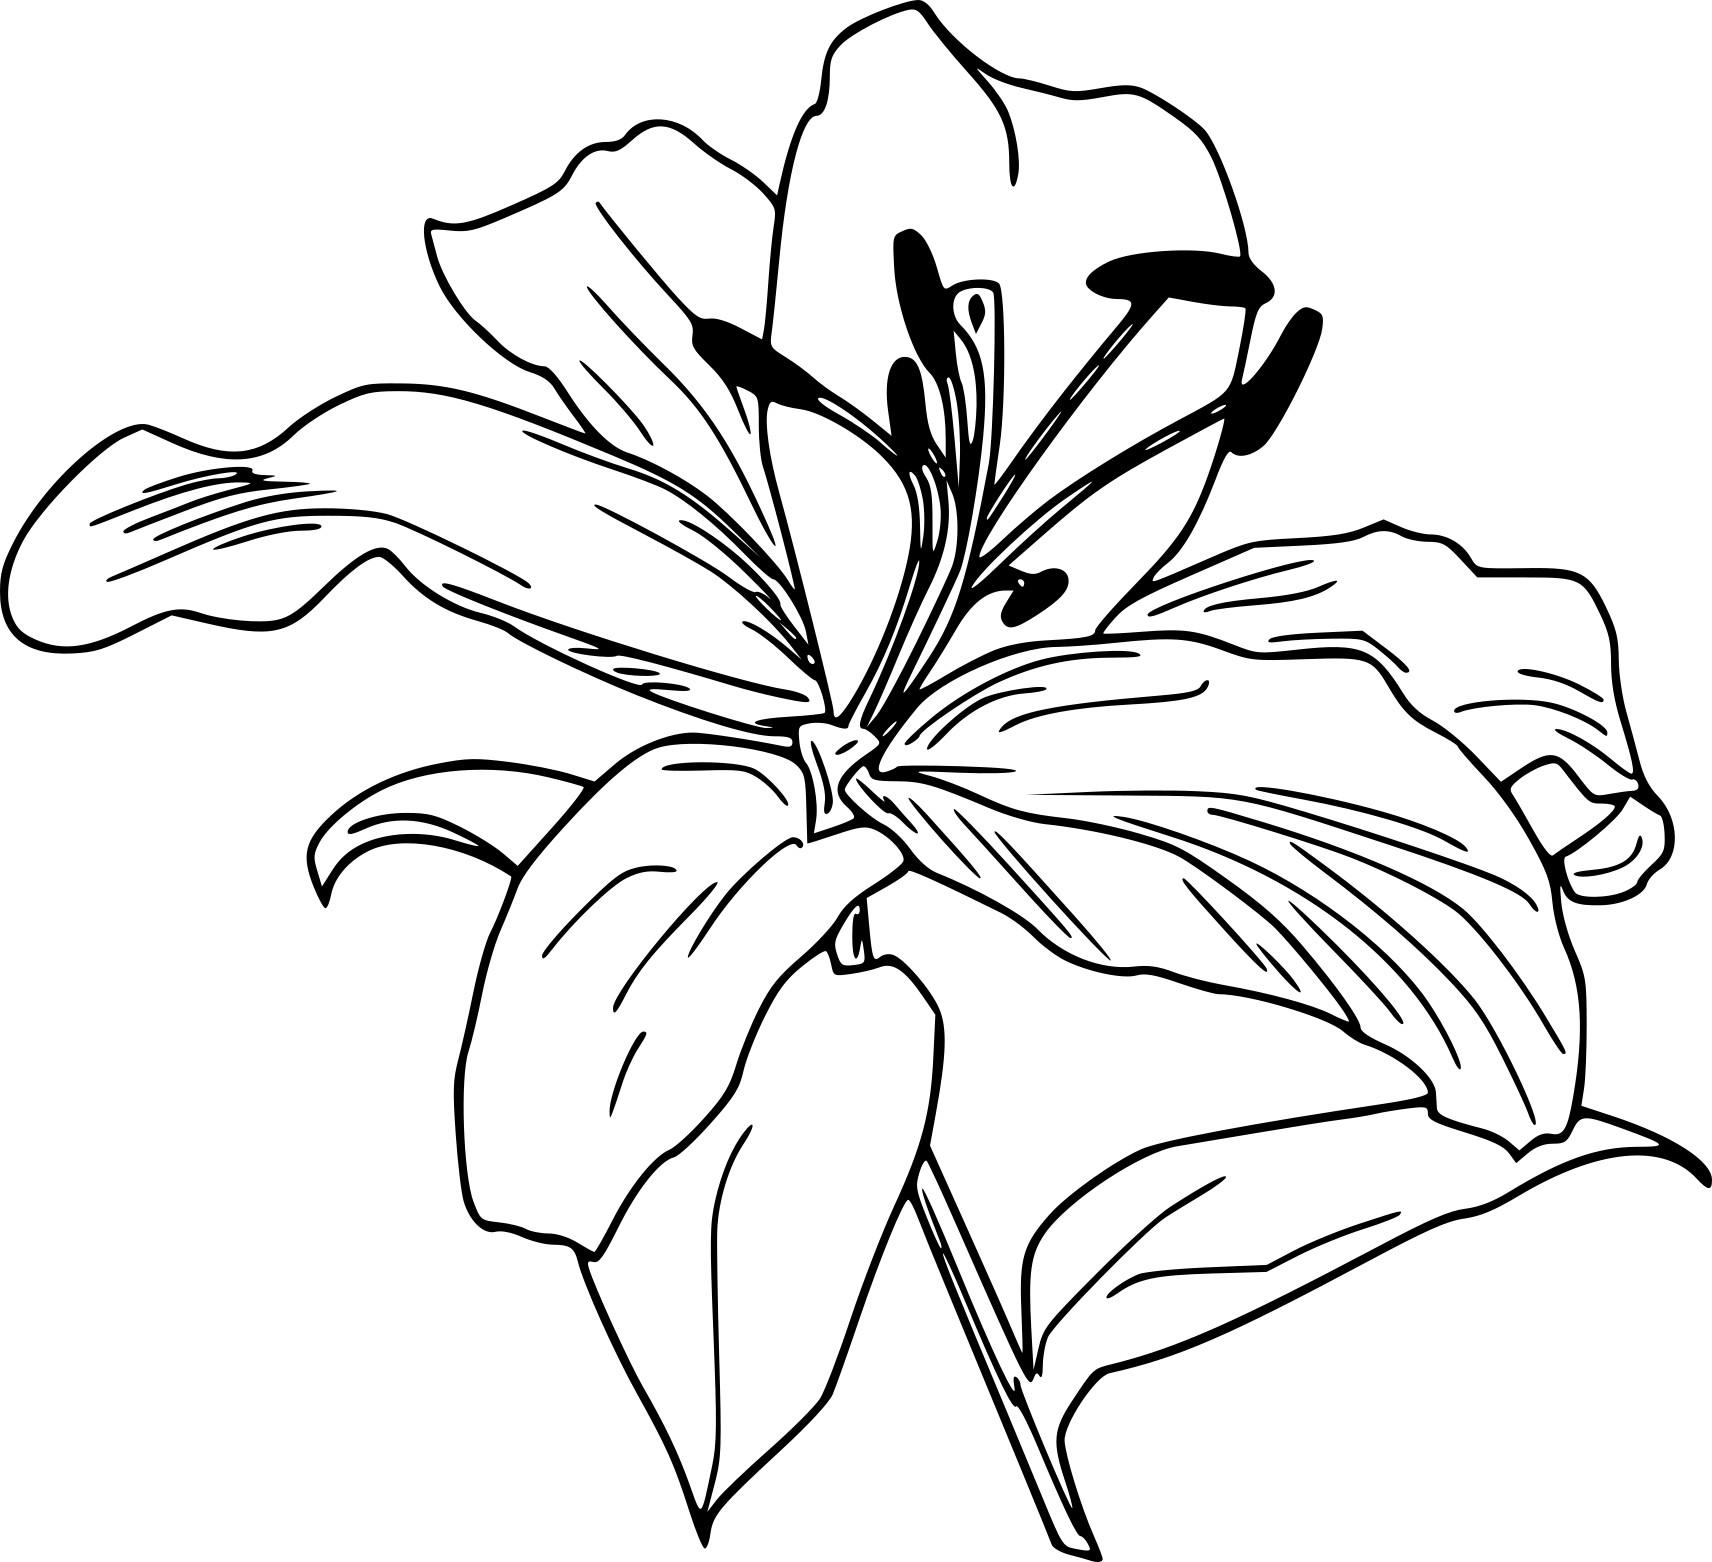 Dessin fleur de lys a imprimer - Dessin fleur de lys ...